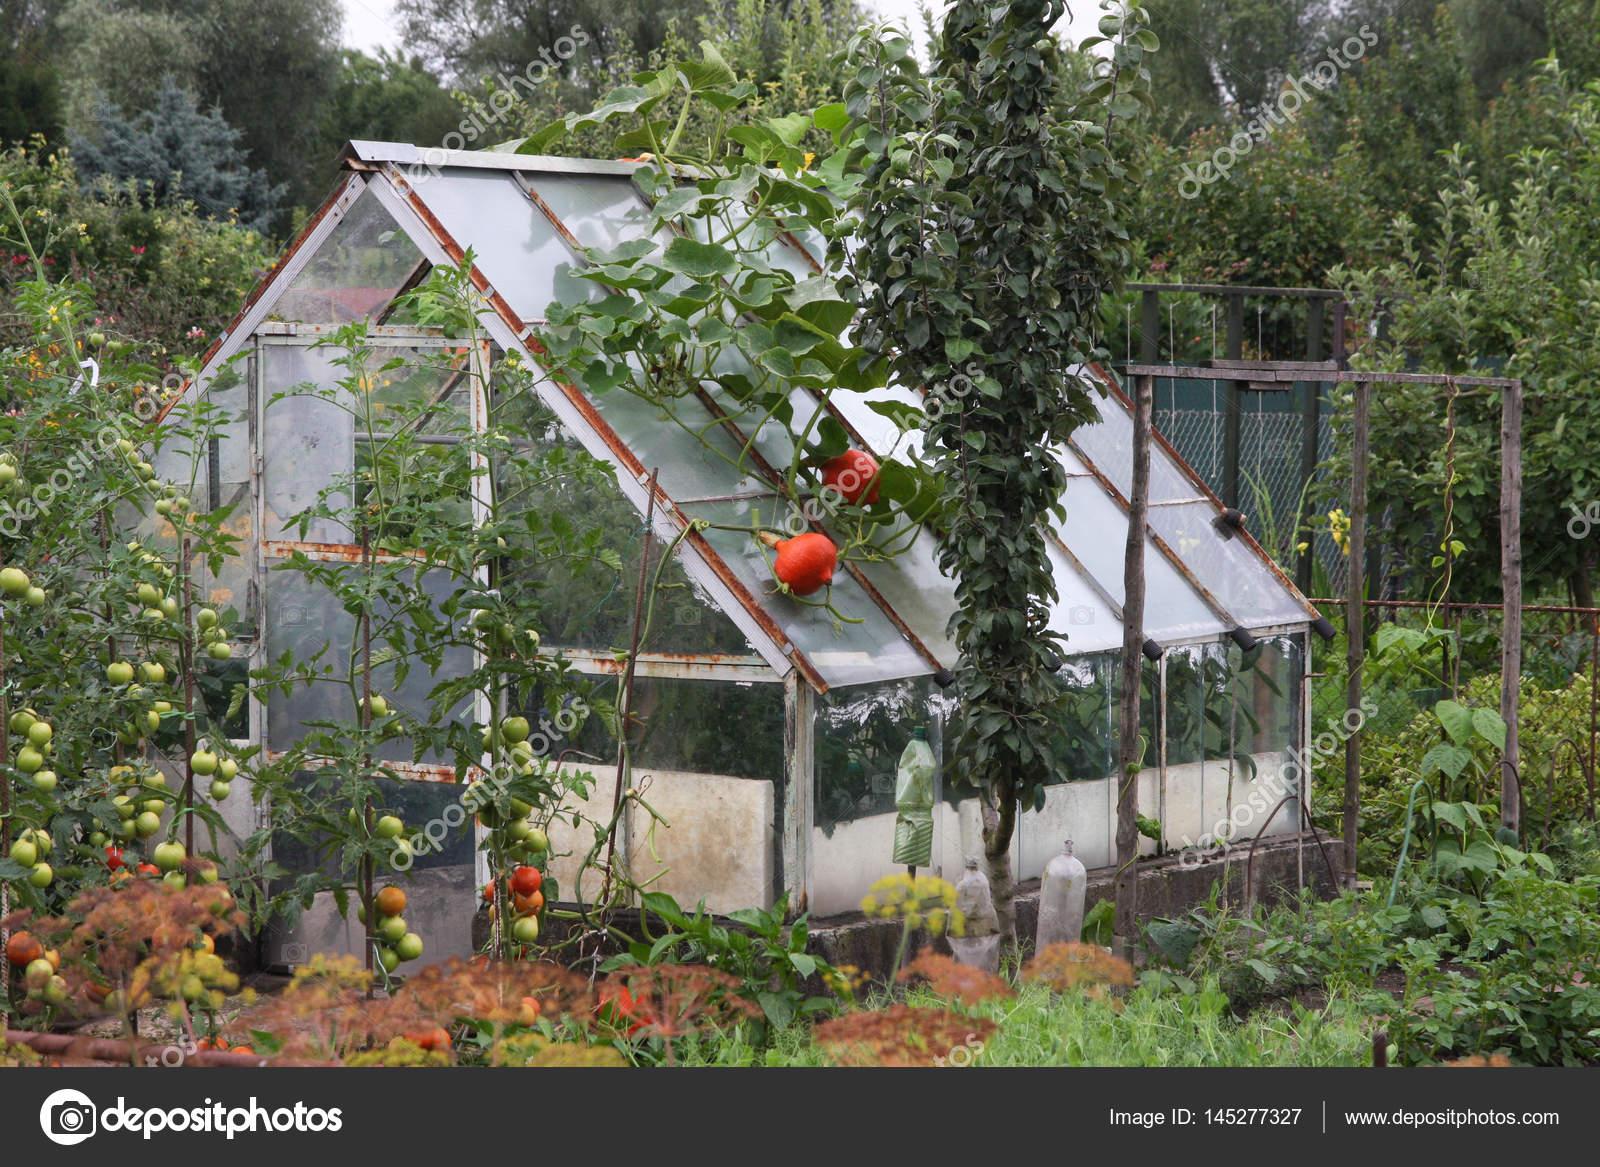 genug Gewchshaus Garten. Affordable Gewchshaus Garten With Gewchshaus EG25